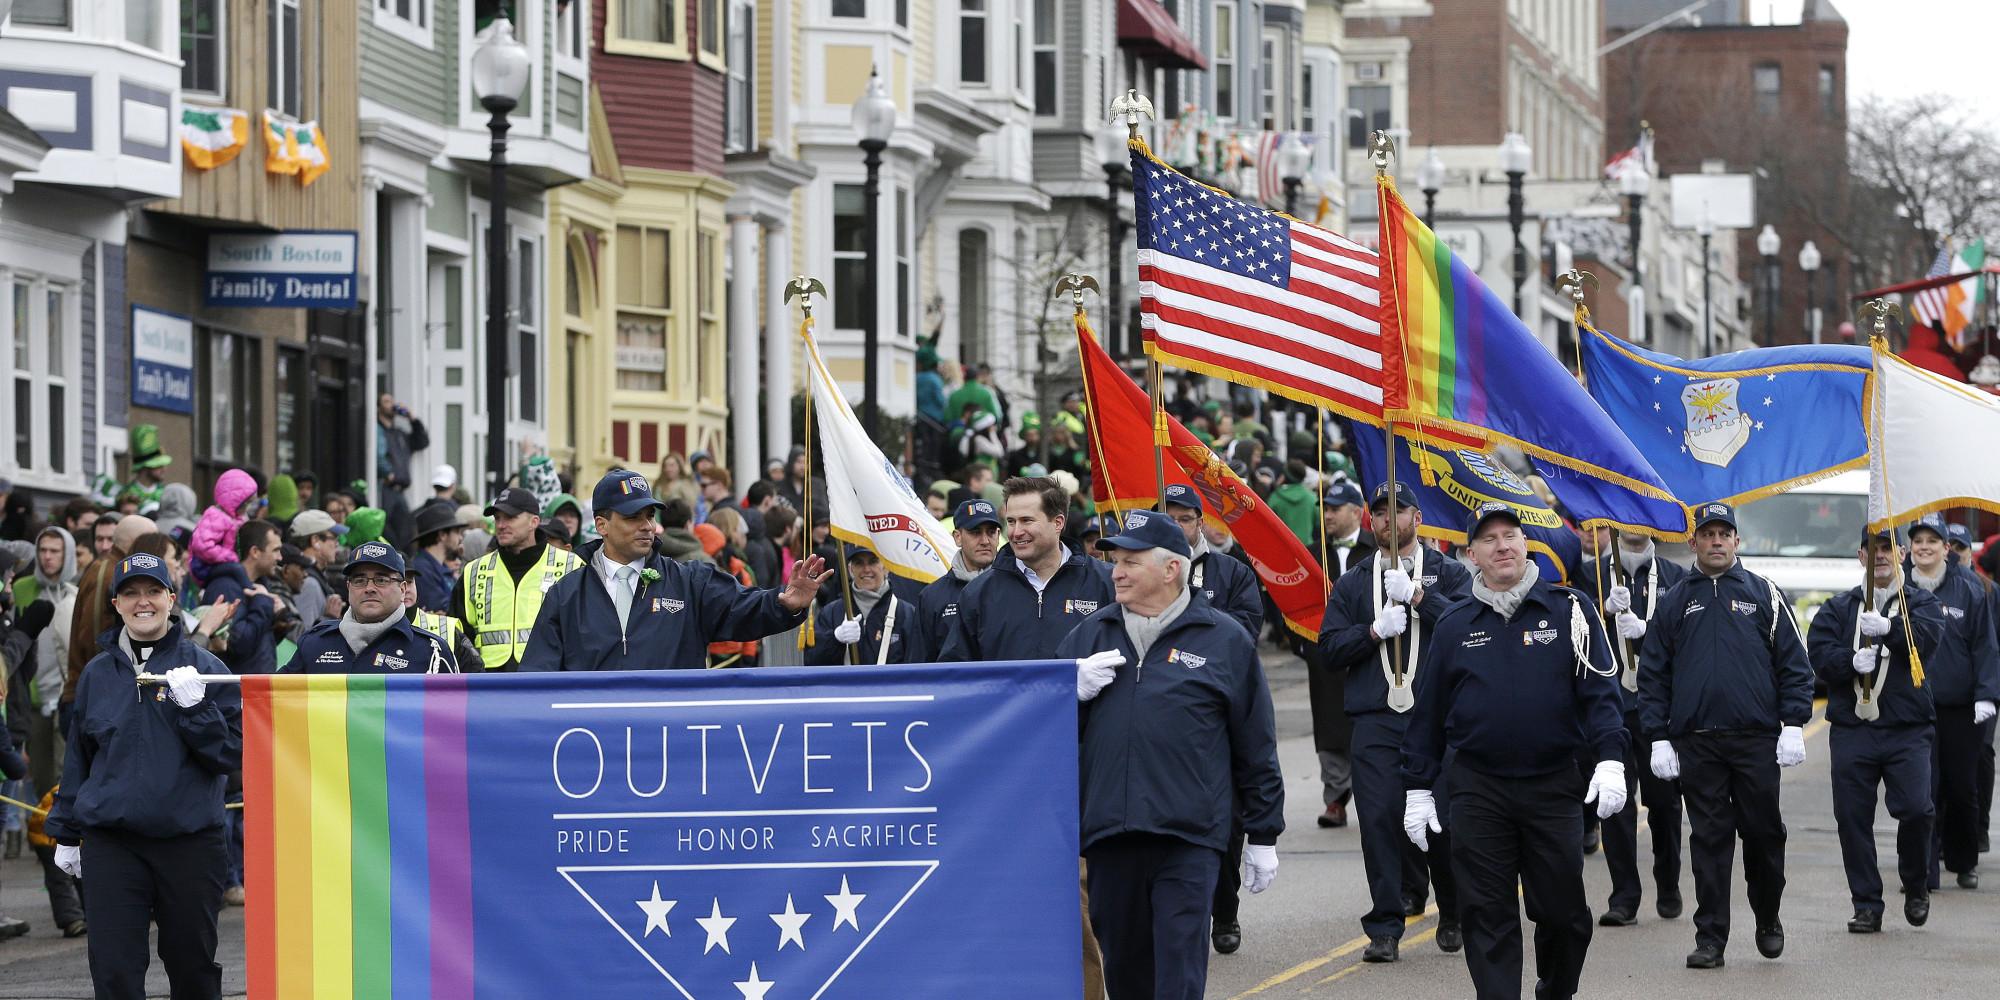 同性愛者軍人への差別禁じる、アメリカ國防省が表明 殘る課題はトランスジェンダーの入隊